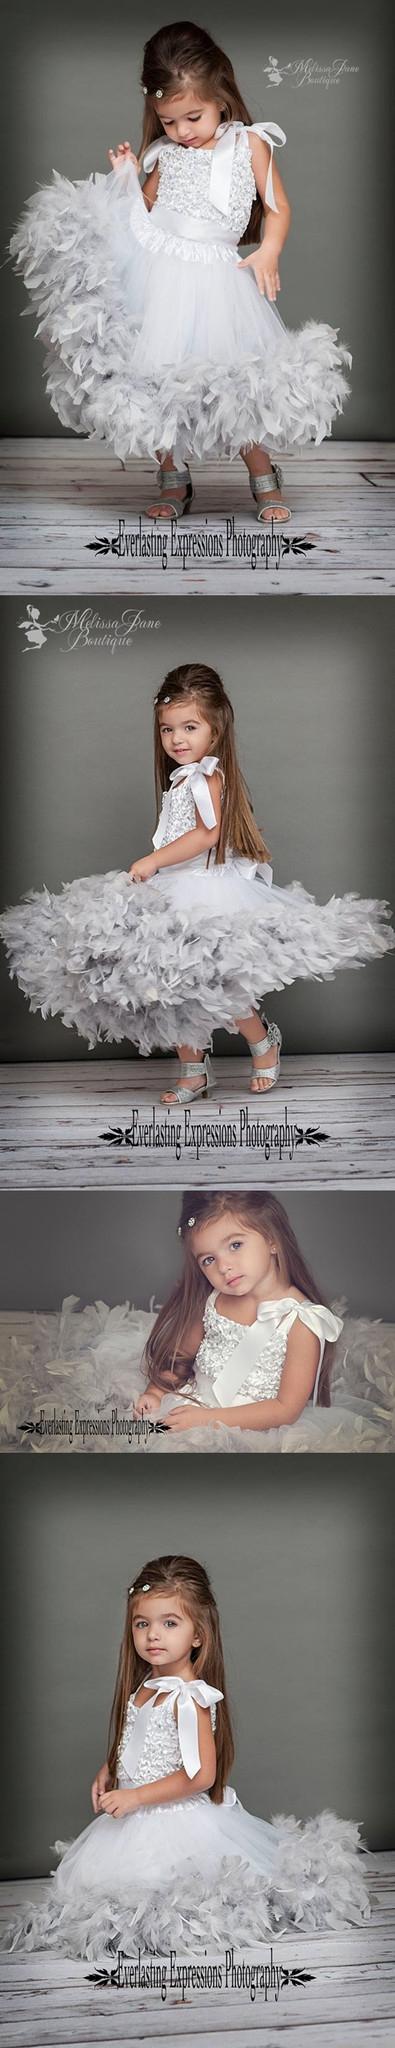 輝きときらめきのフェザードレス「Sparkles and Shine Girls Feather Dress」1歳から5歳